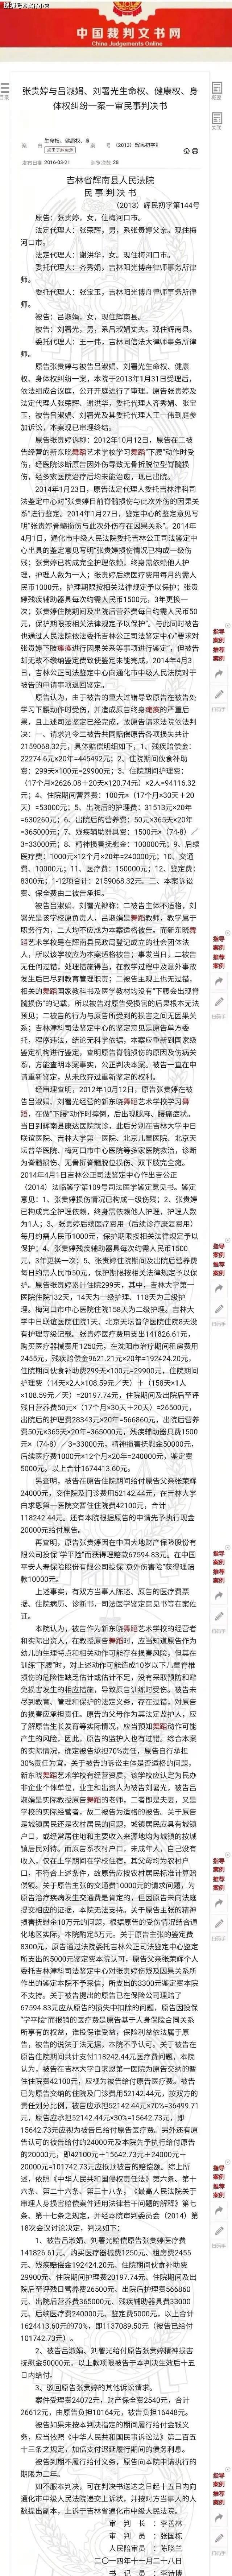 刘浩存妈妈回应瘫痪女孩费用 否认暴力教学 赔偿时间线再惹争议-家庭网